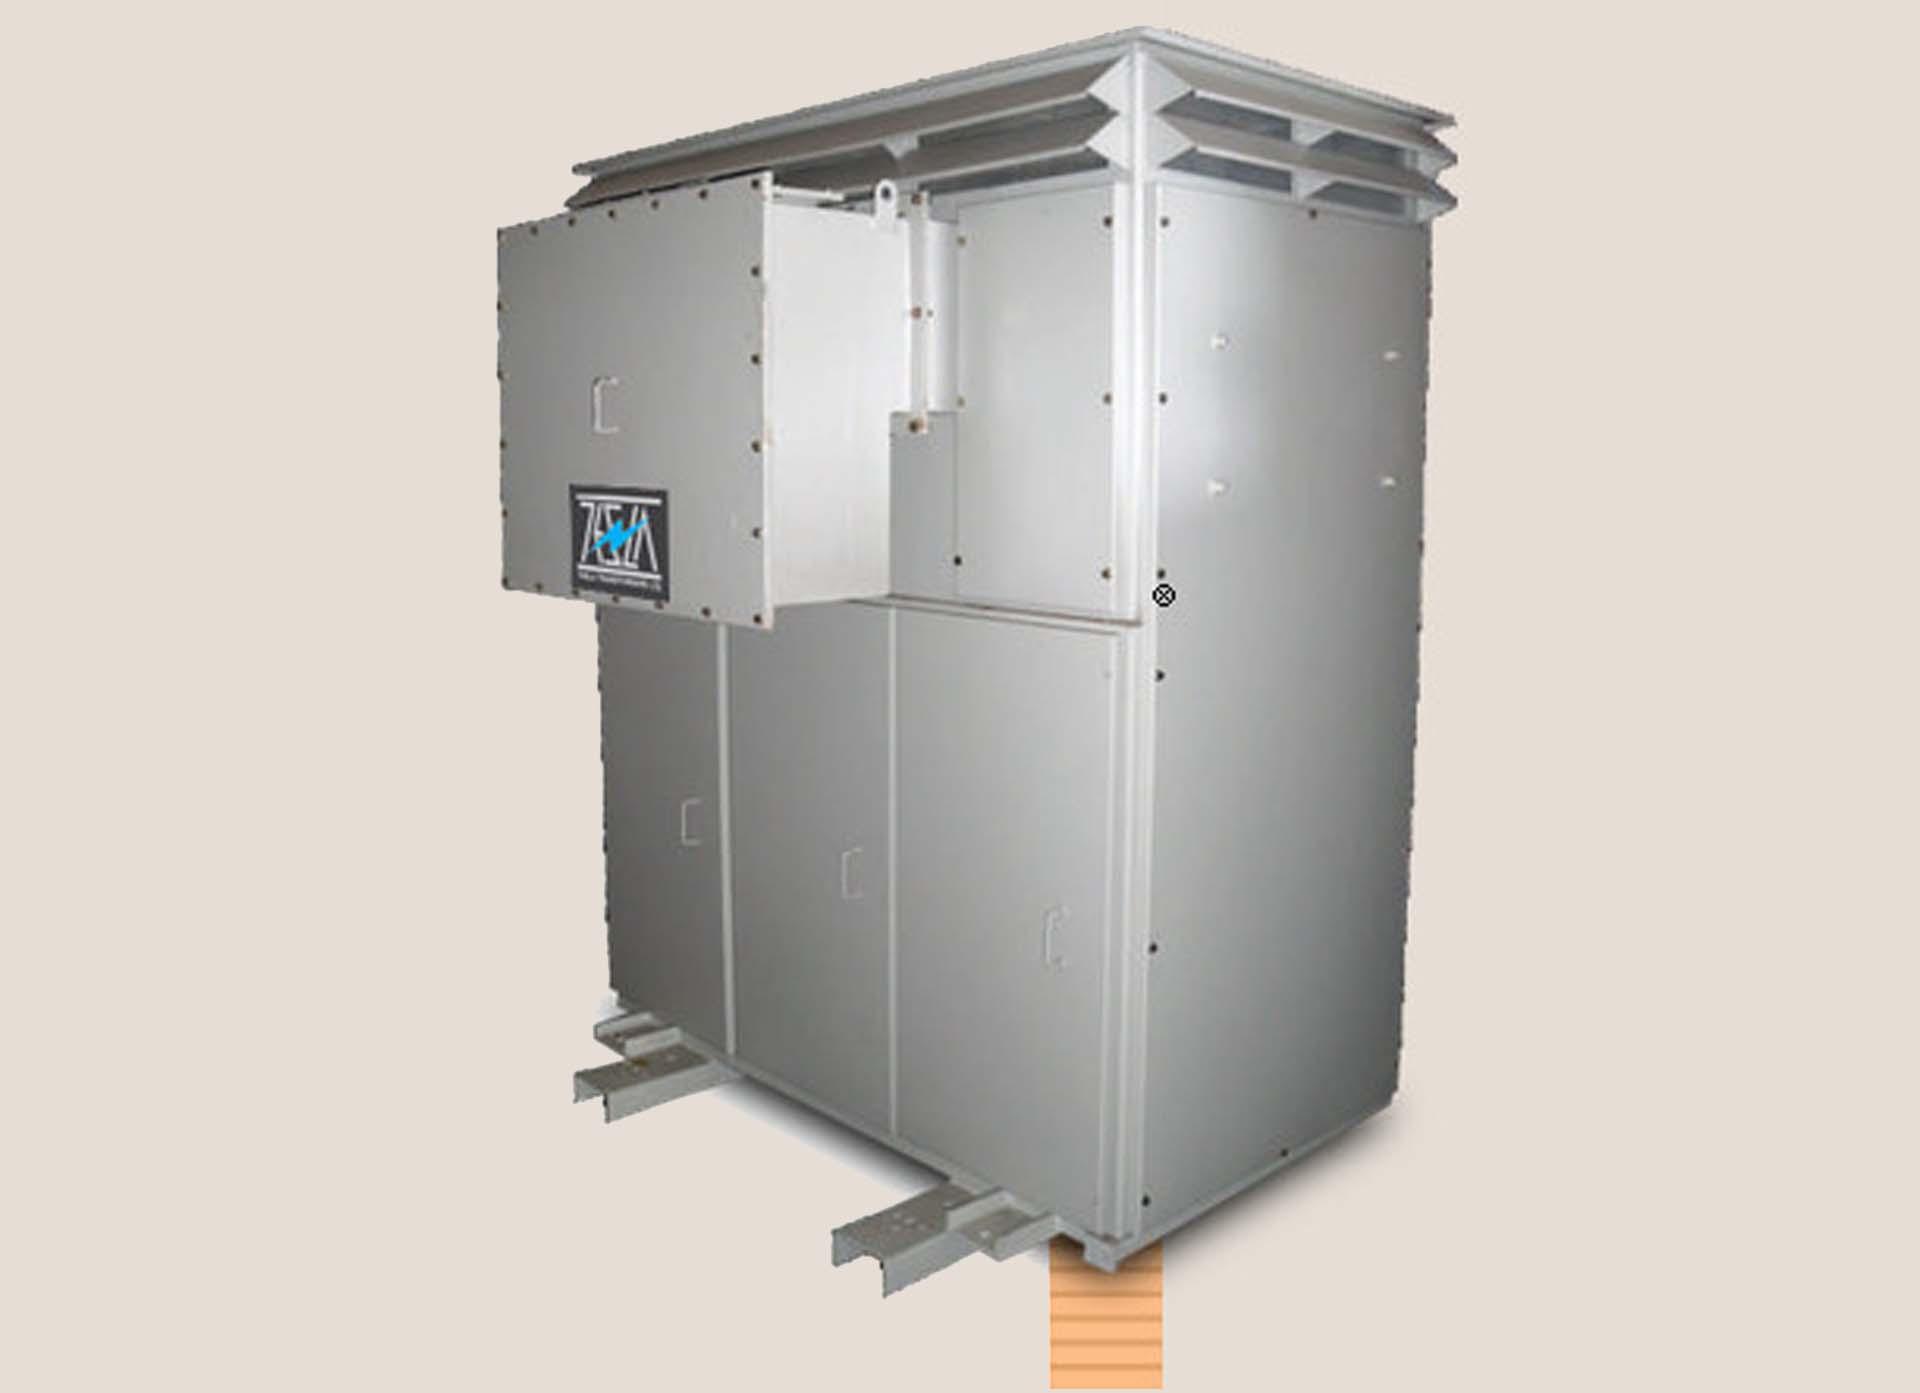 1000 KVA, 11/1.05 KV VPI DRY TRANSFORMER CORE & COIL ASSEMBLY